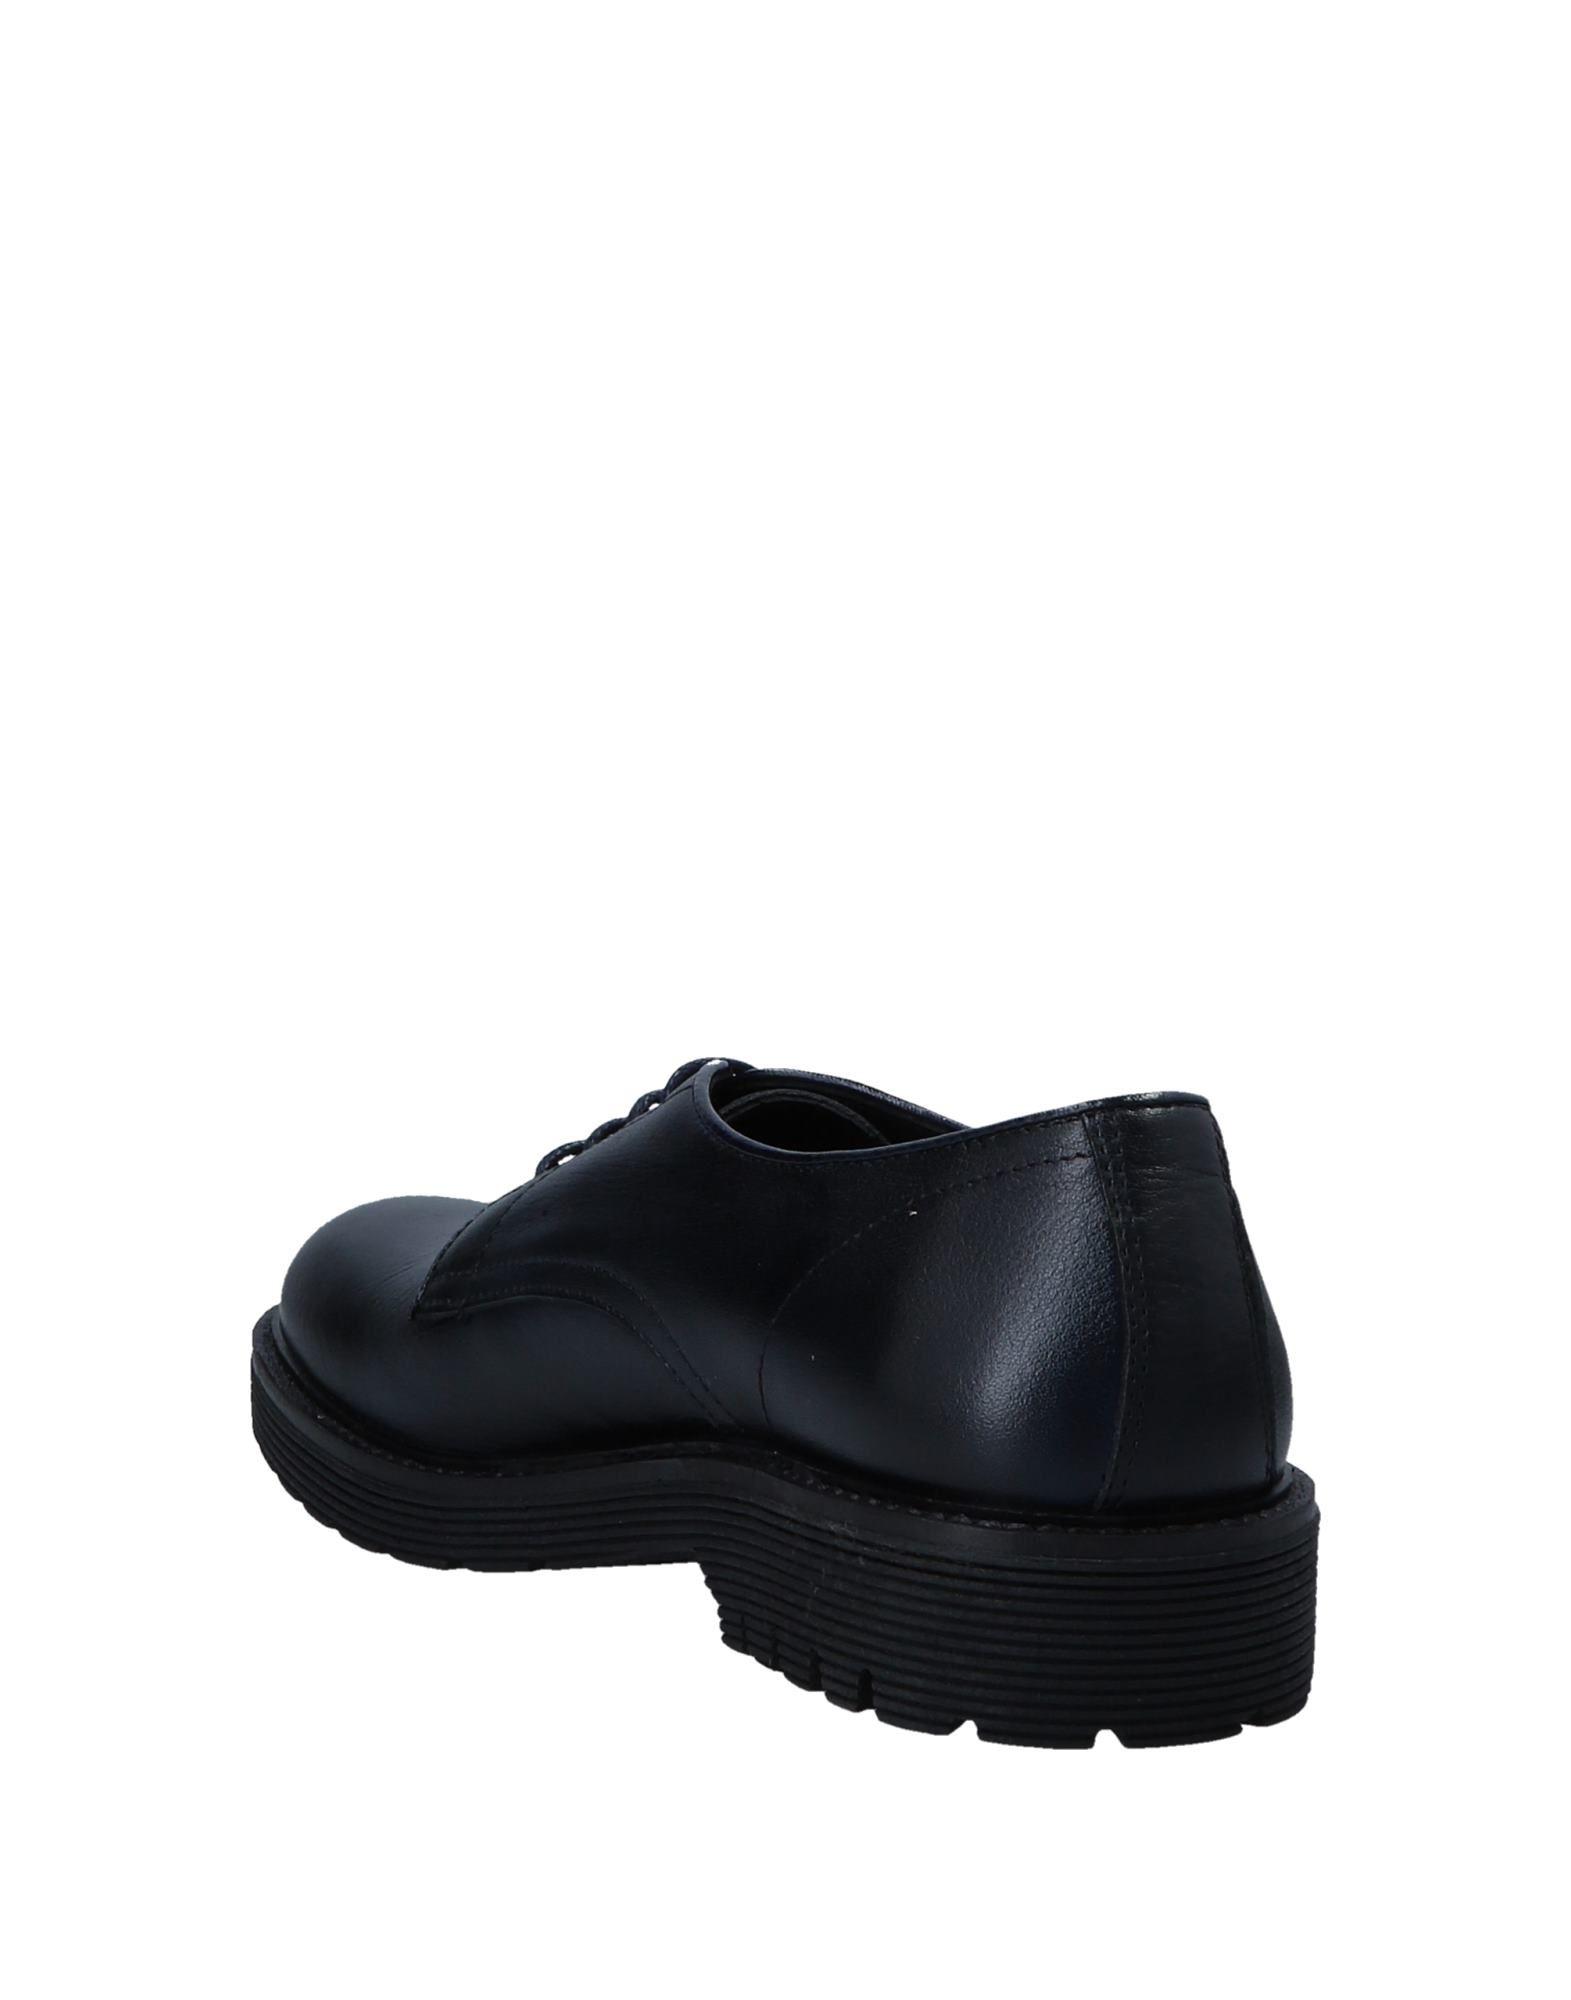 Trussardi Gute Schnürschuhe Herren  11560673NL Gute Trussardi Qualität beliebte Schuhe 4334e2